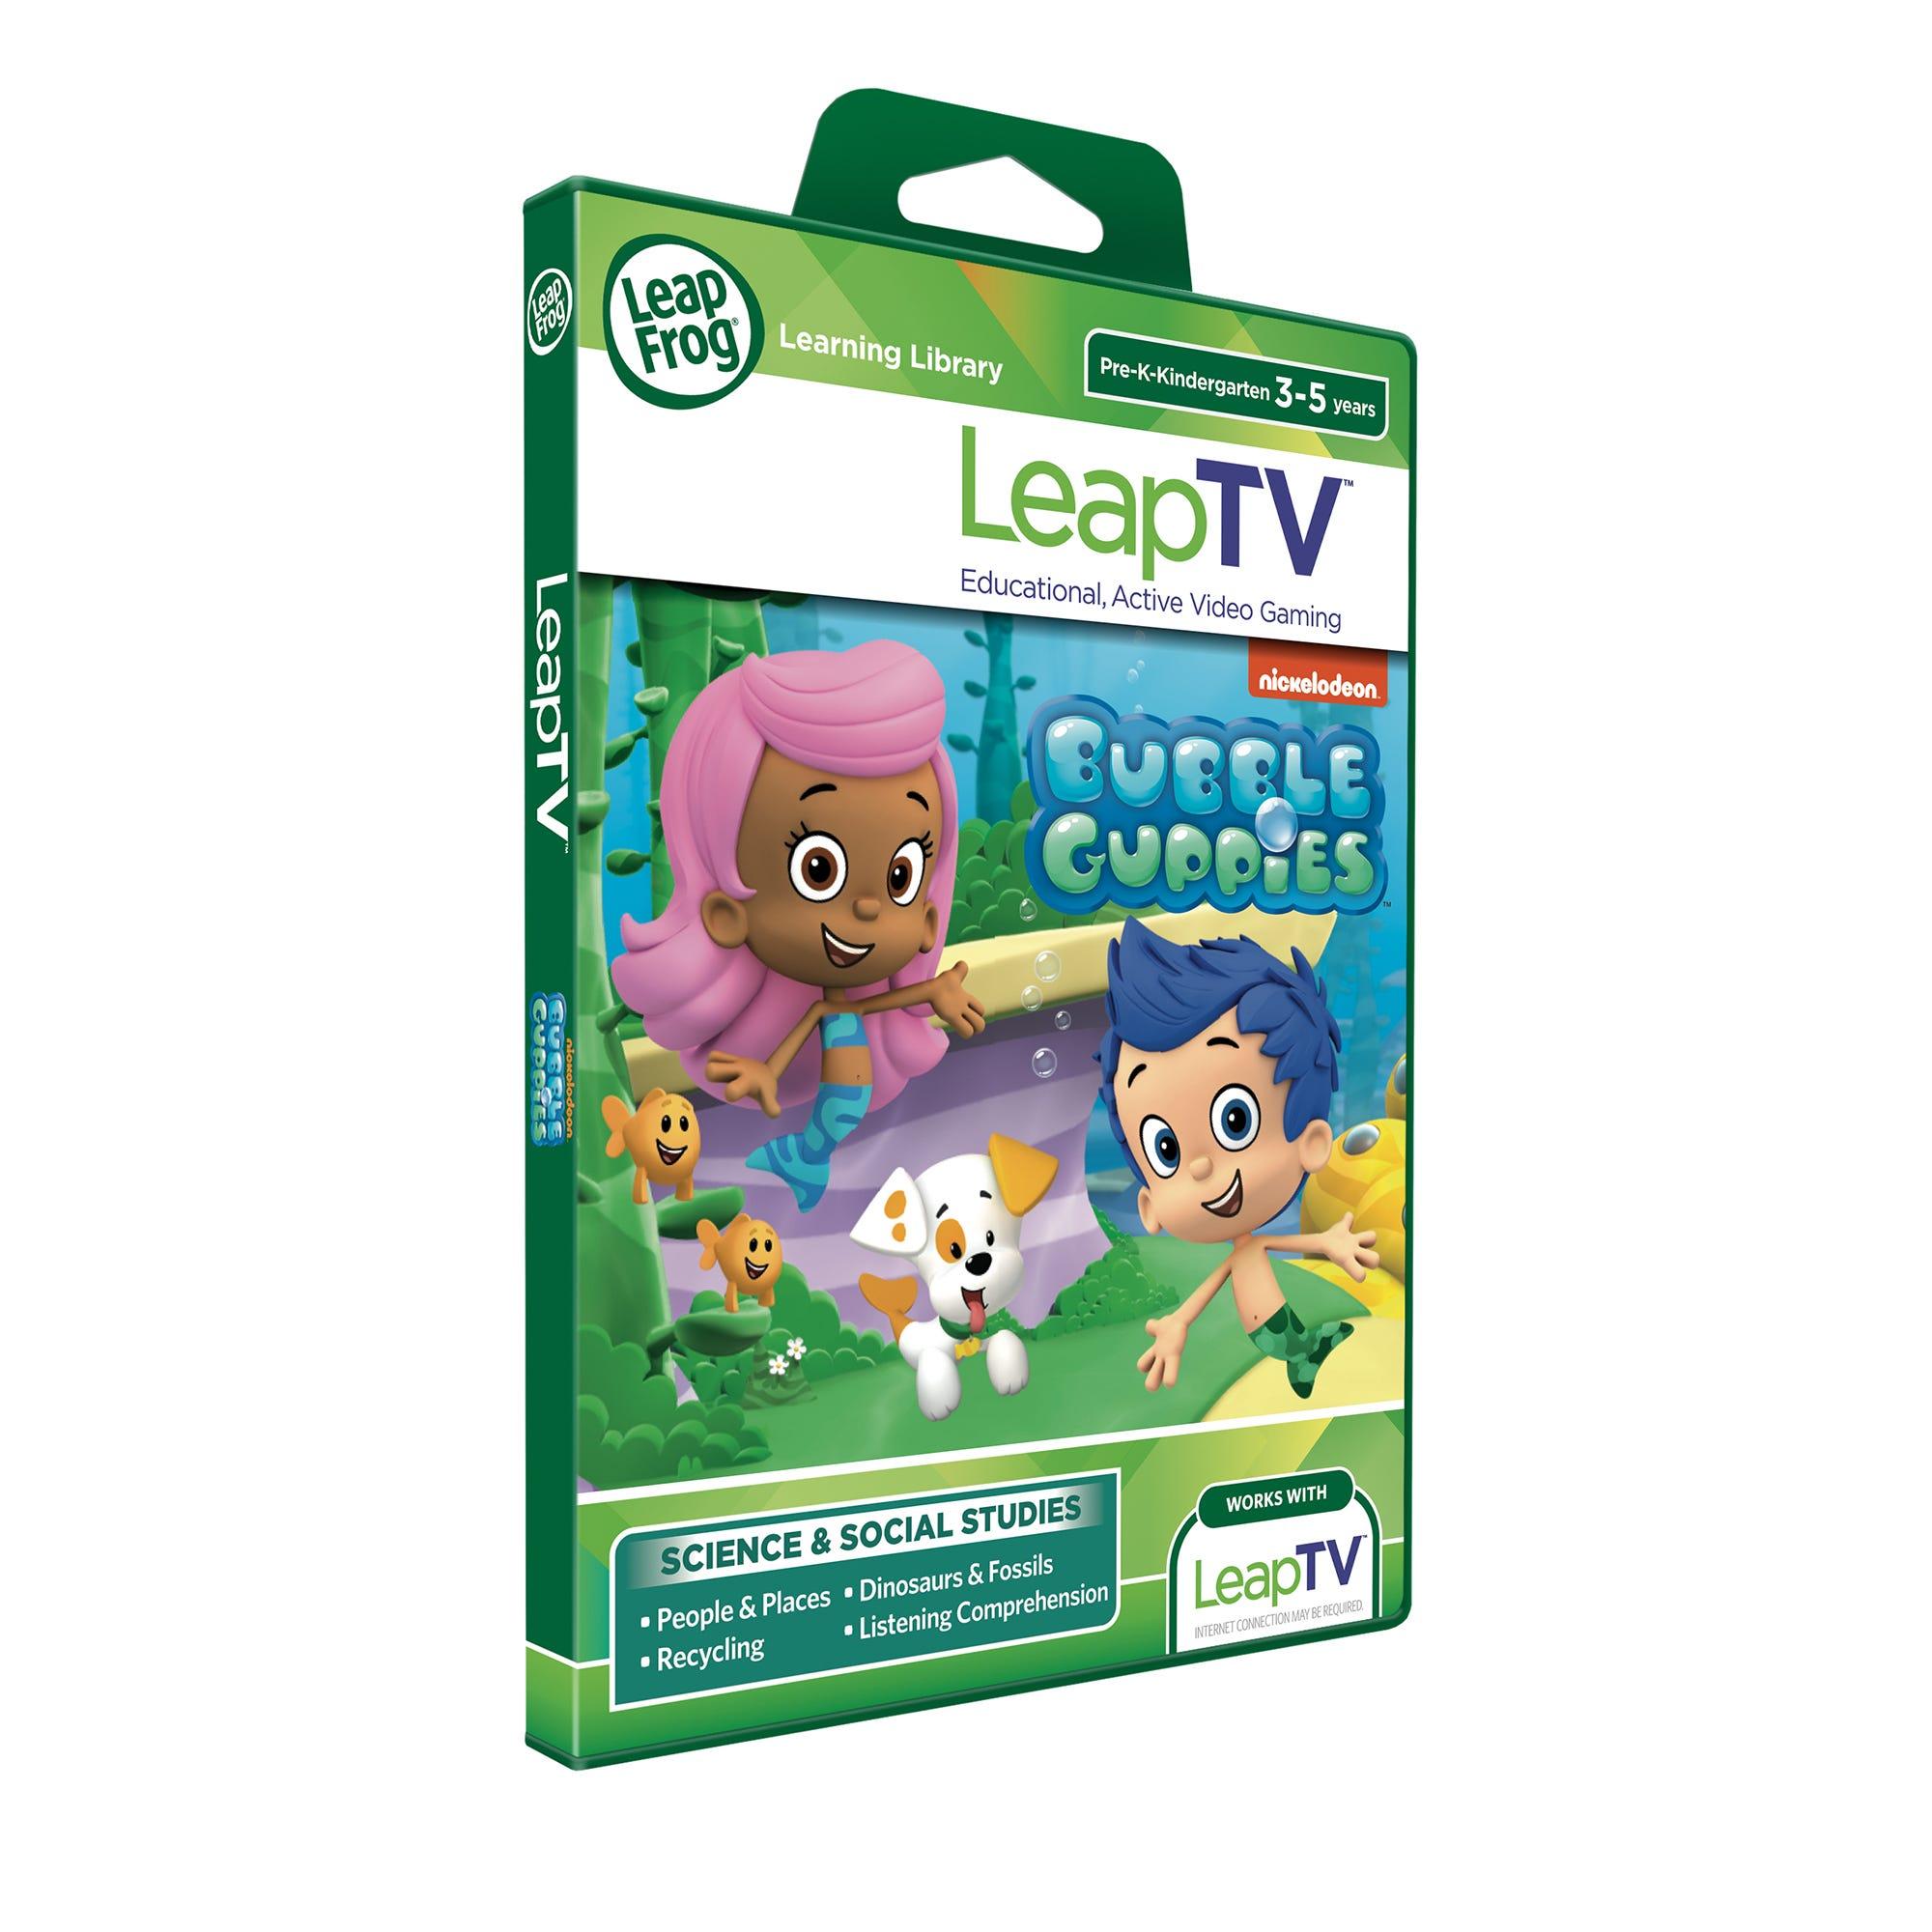 LeapFrog Disney Pixar Pals LeapTV Software